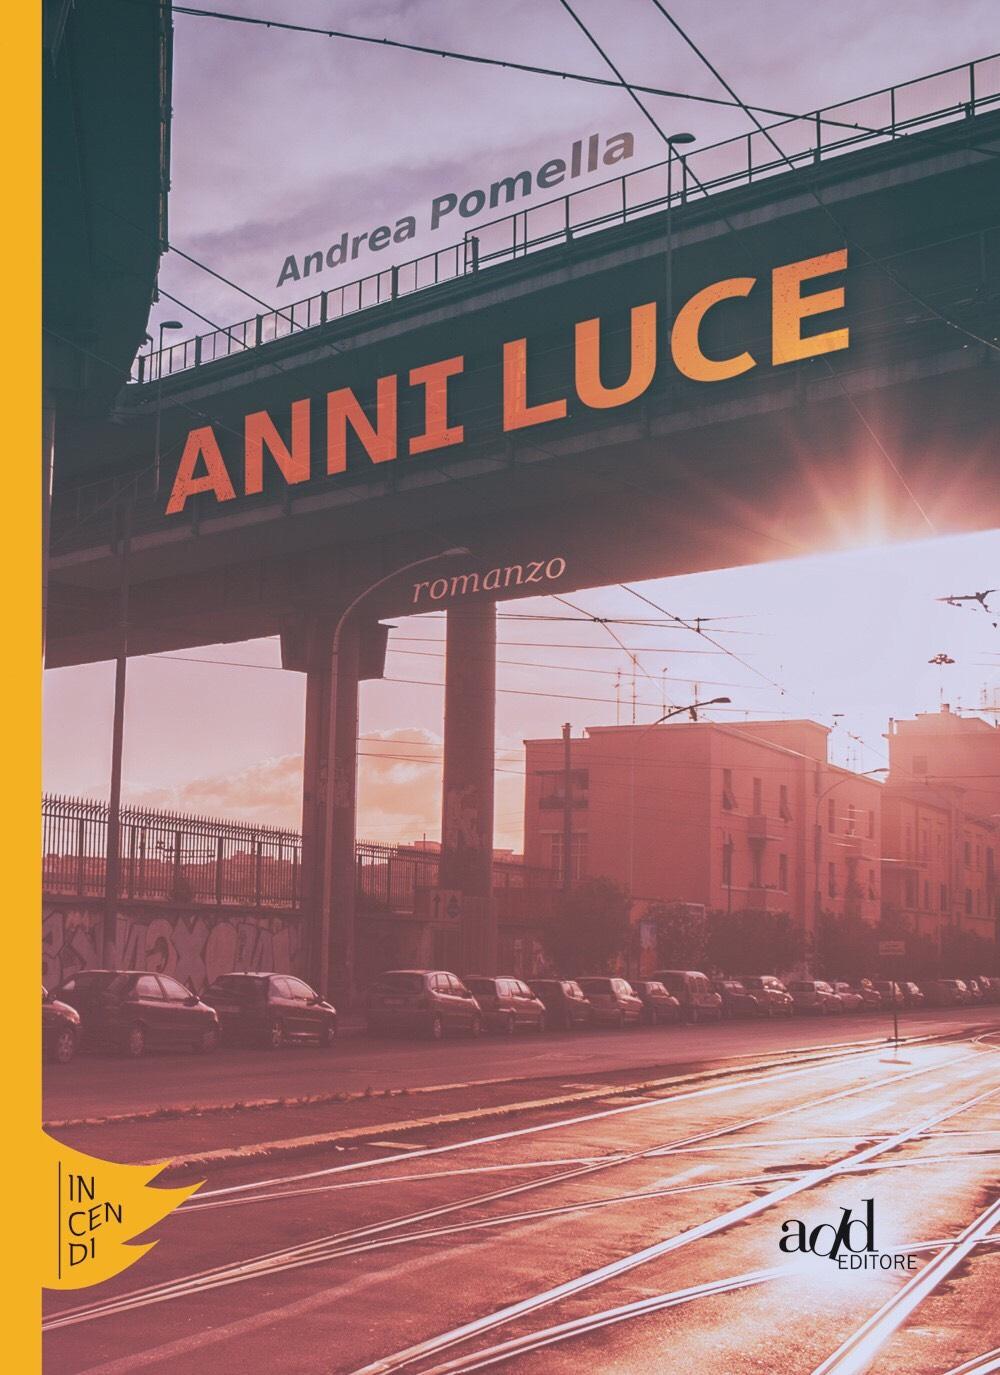 Anni luce – Andrea Pomella